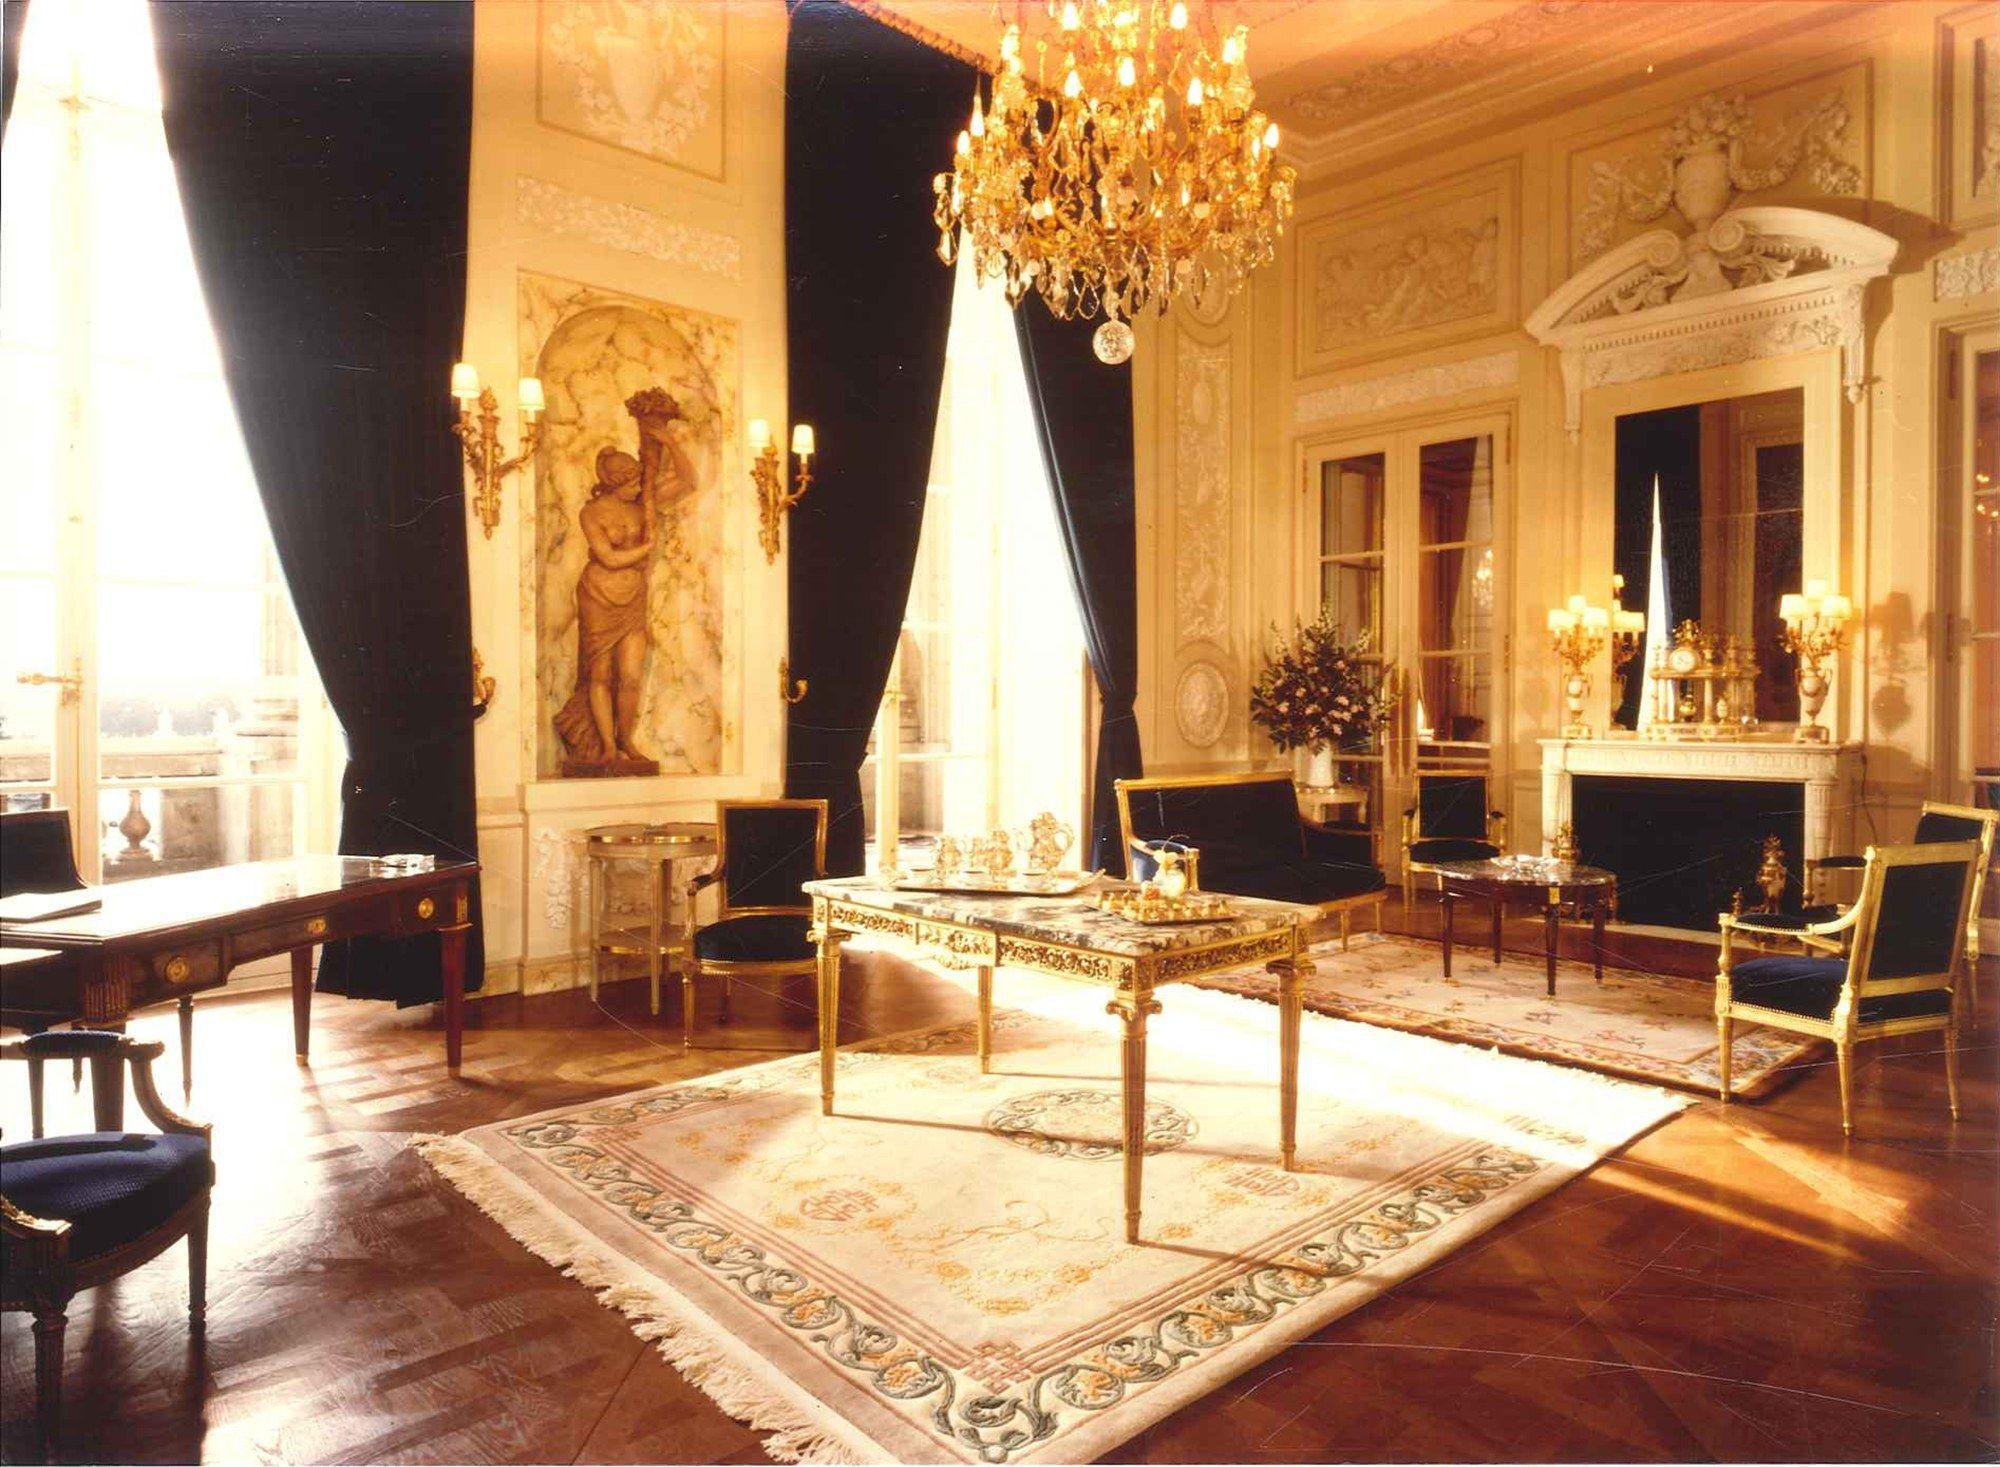 Hotel Gabriel Paris Inside Pariss Most Elite Hotel The Newly Renovated Hatel De